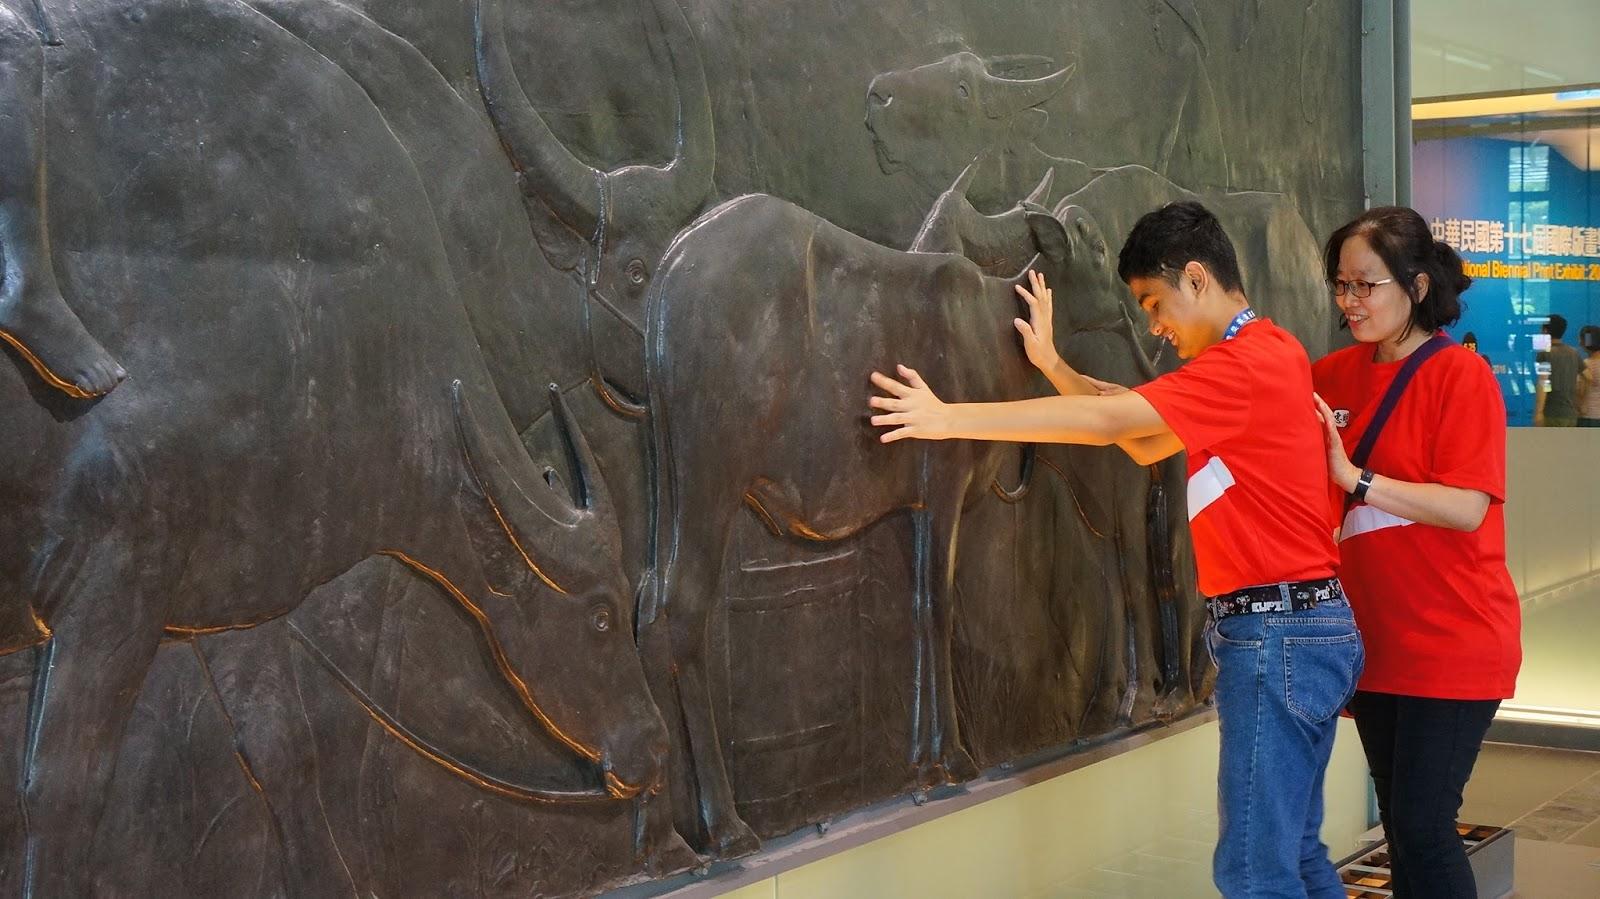 非視覺美教育協會帶領視障者進入美術館,透過觸覺,感受藝術/圖片來源:臺灣非視覺美學教育協會